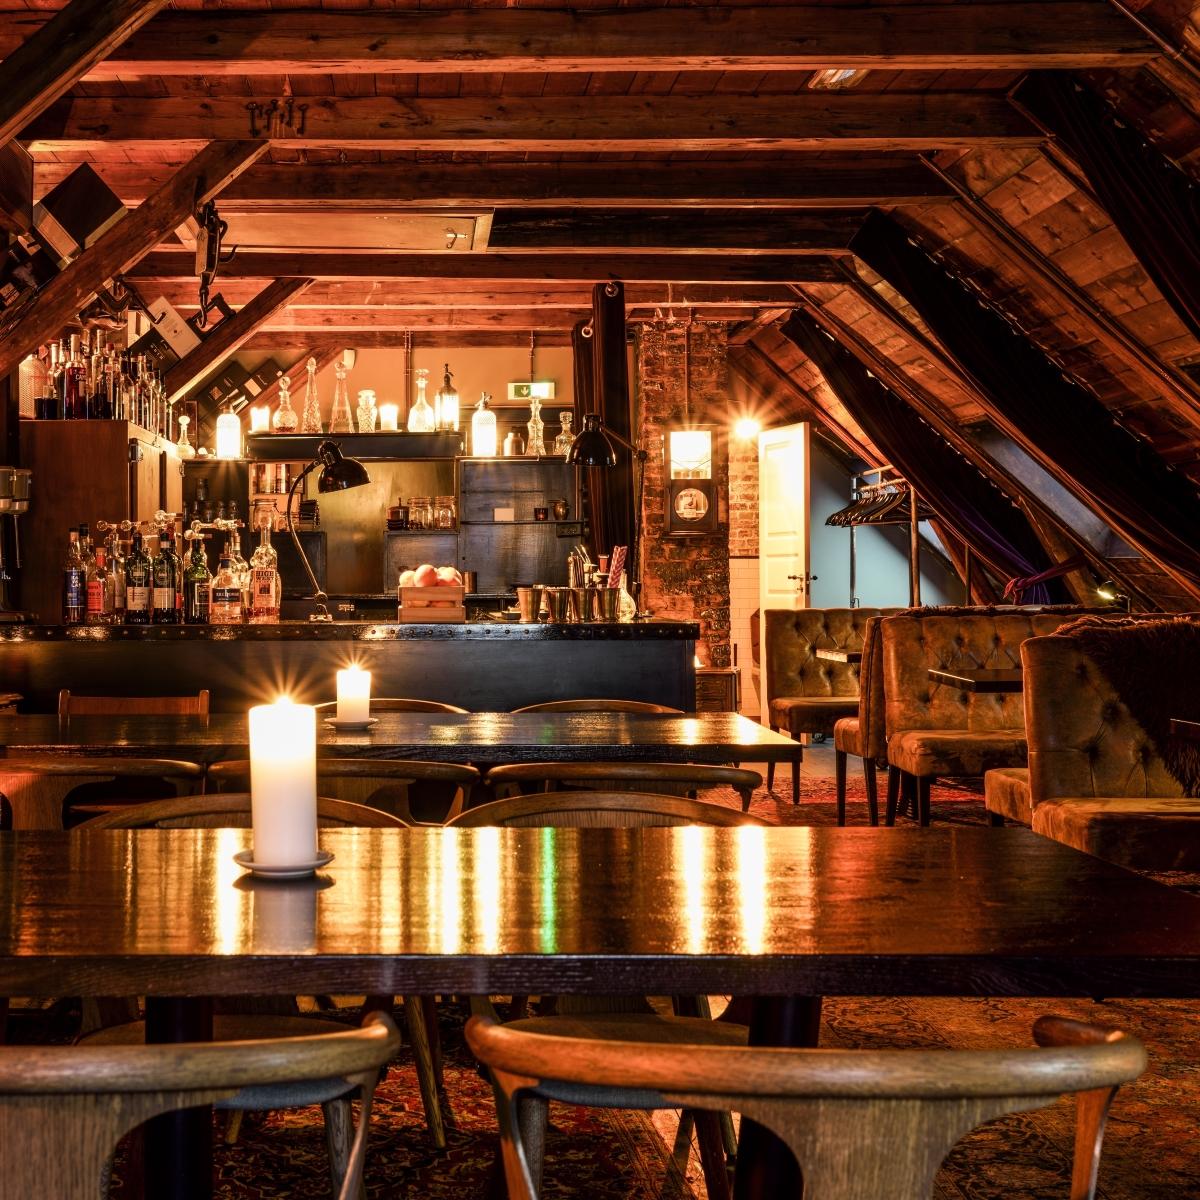 Lidkoeb_Cocktailbar in Kopenhagen Vesterbro_Whiskybar im Dachgeschoss